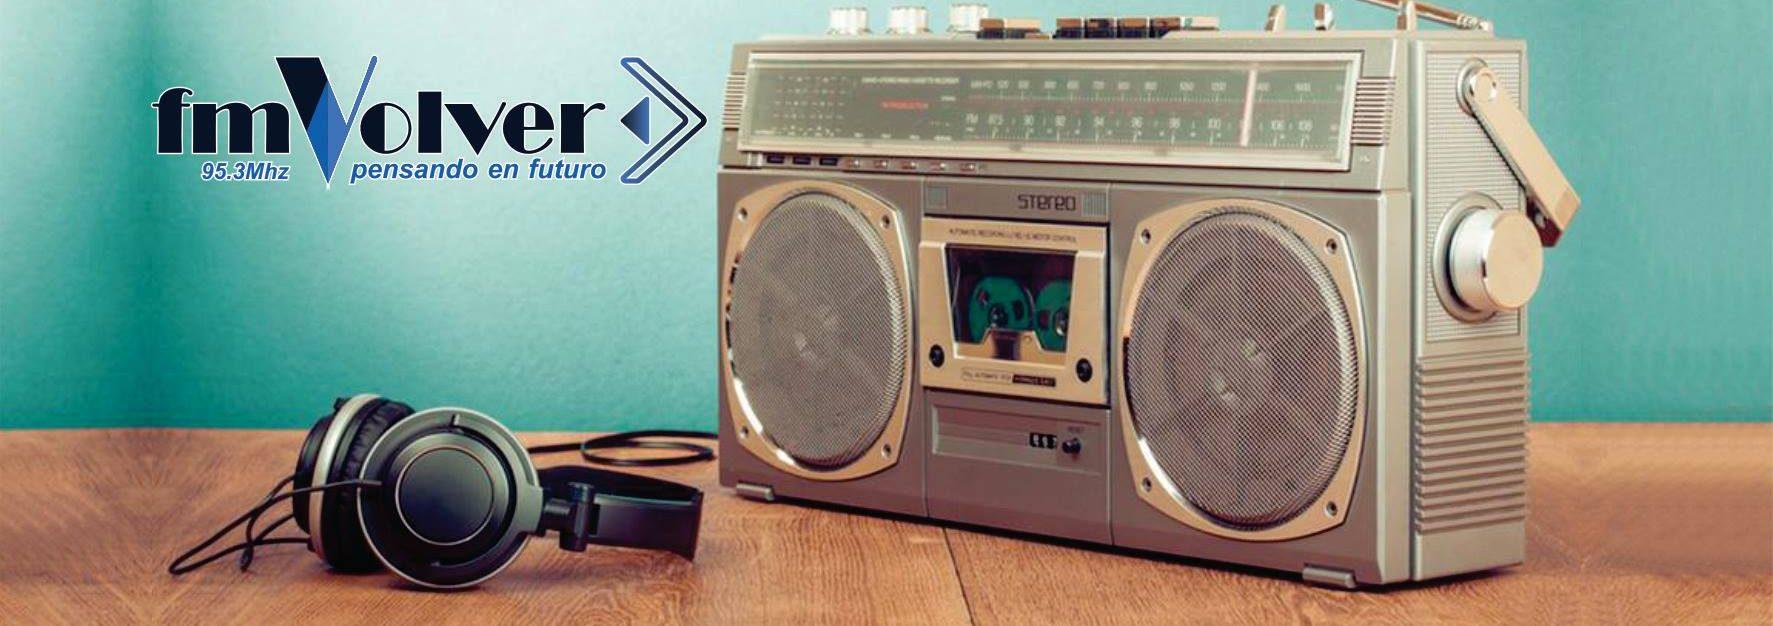 FM VOLVER 95.3MHZ